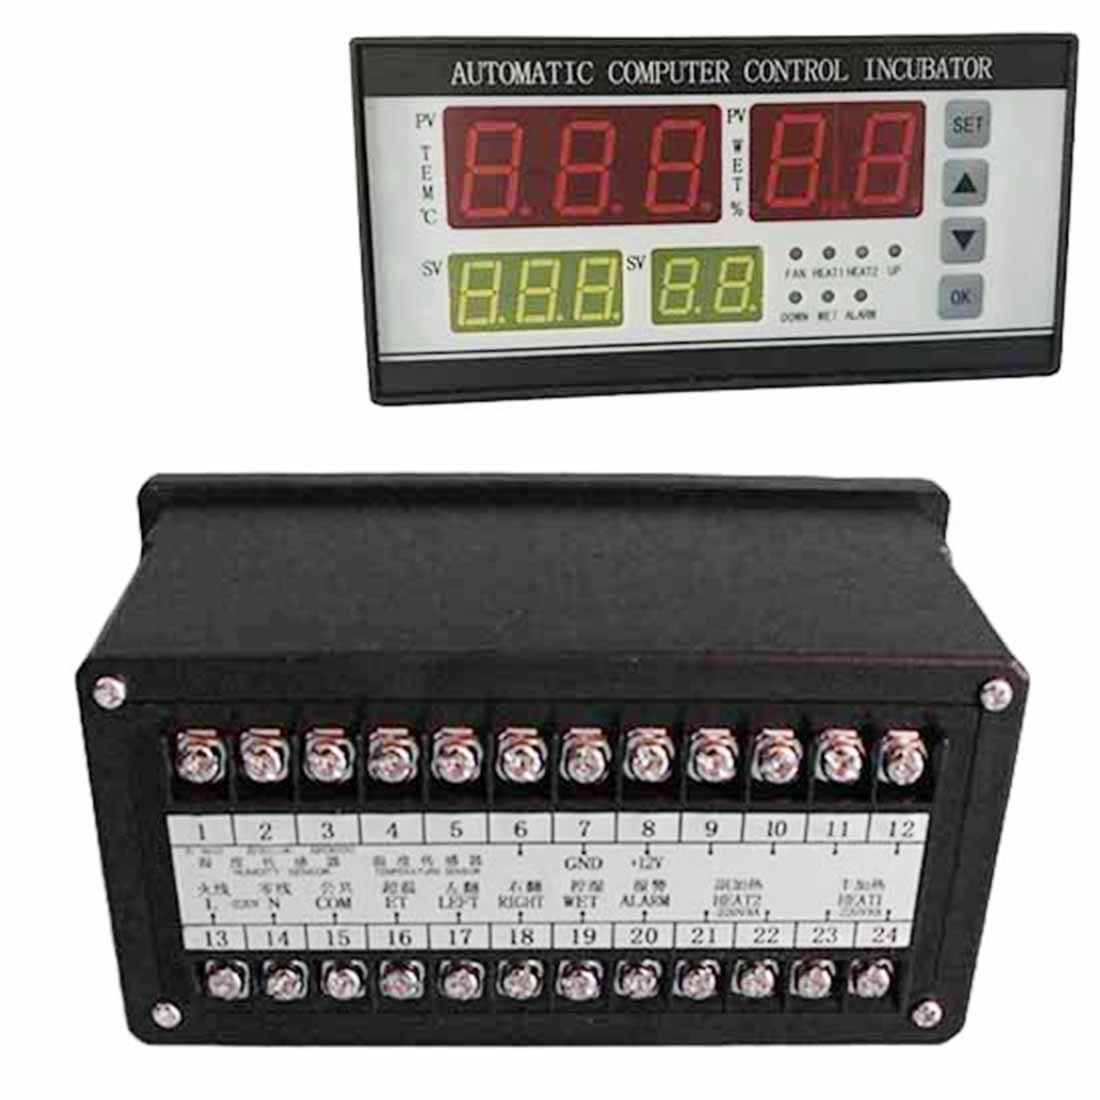 160-24 В термометр микрокомпьютера инкубатора Температура Управление влажностью интеллектуальные Управление; специально для инкубационное ...